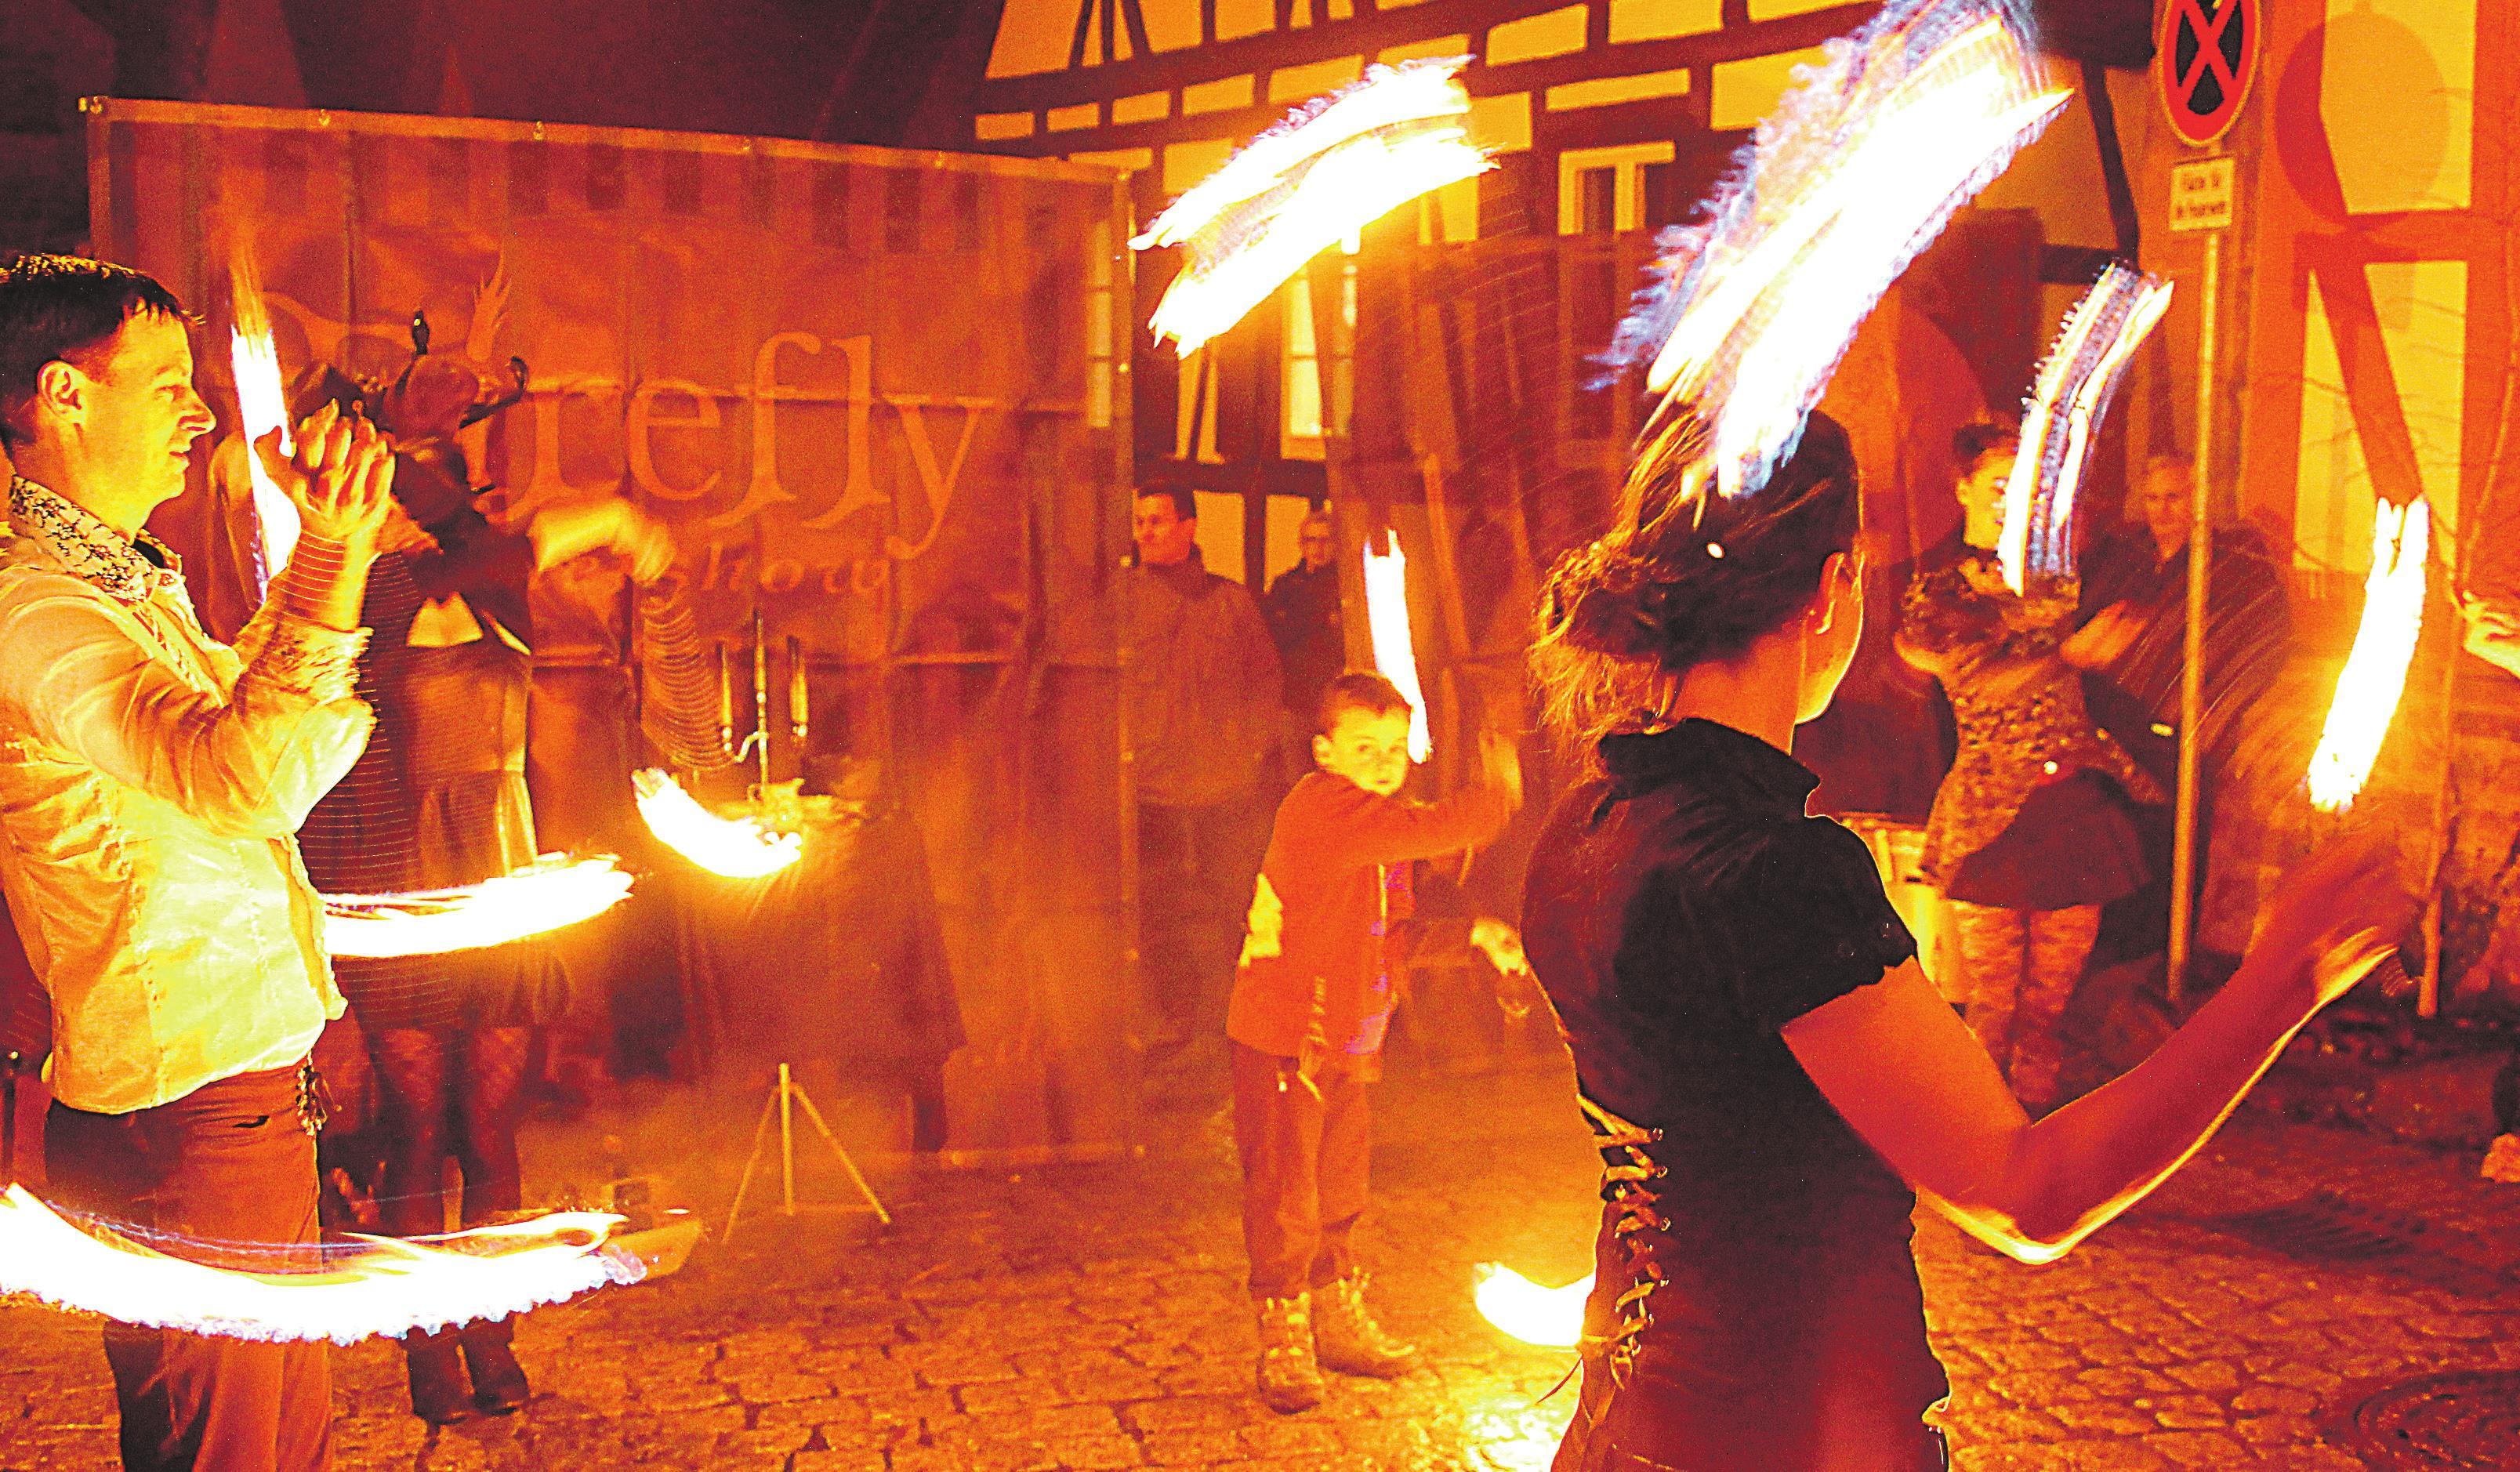 """Eine der mittelalterlichen Jahrmarktsattrationen nach Einbruch der Dunkelheit: eine rasante Feuershow mit der einheimischen Truppe """"Firefly""""."""